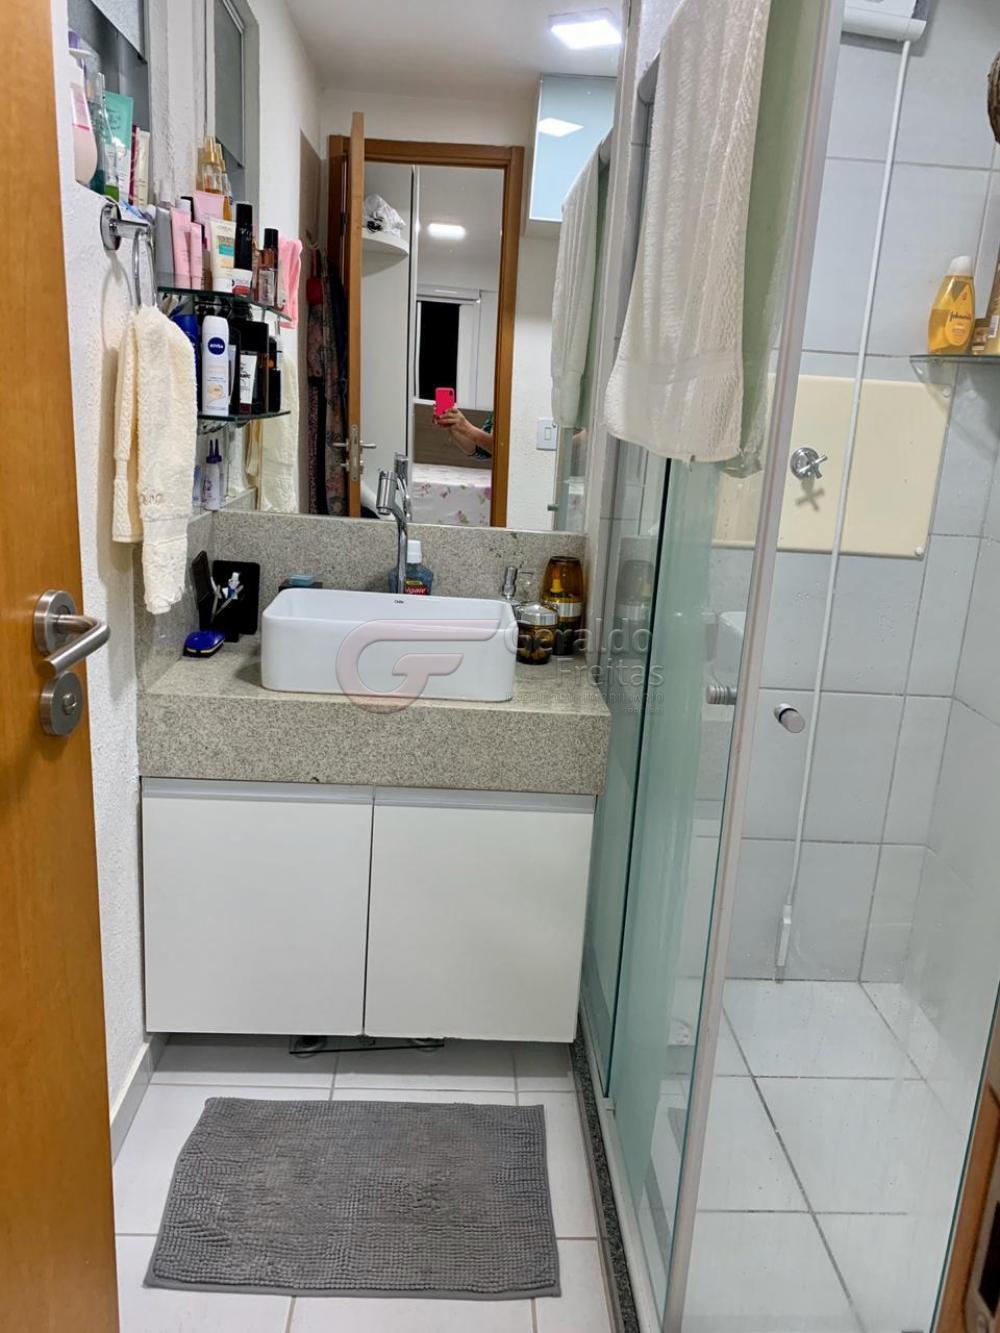 Comprar Apartamentos / Padrão em Maceió apenas R$ 275.000,00 - Foto 11